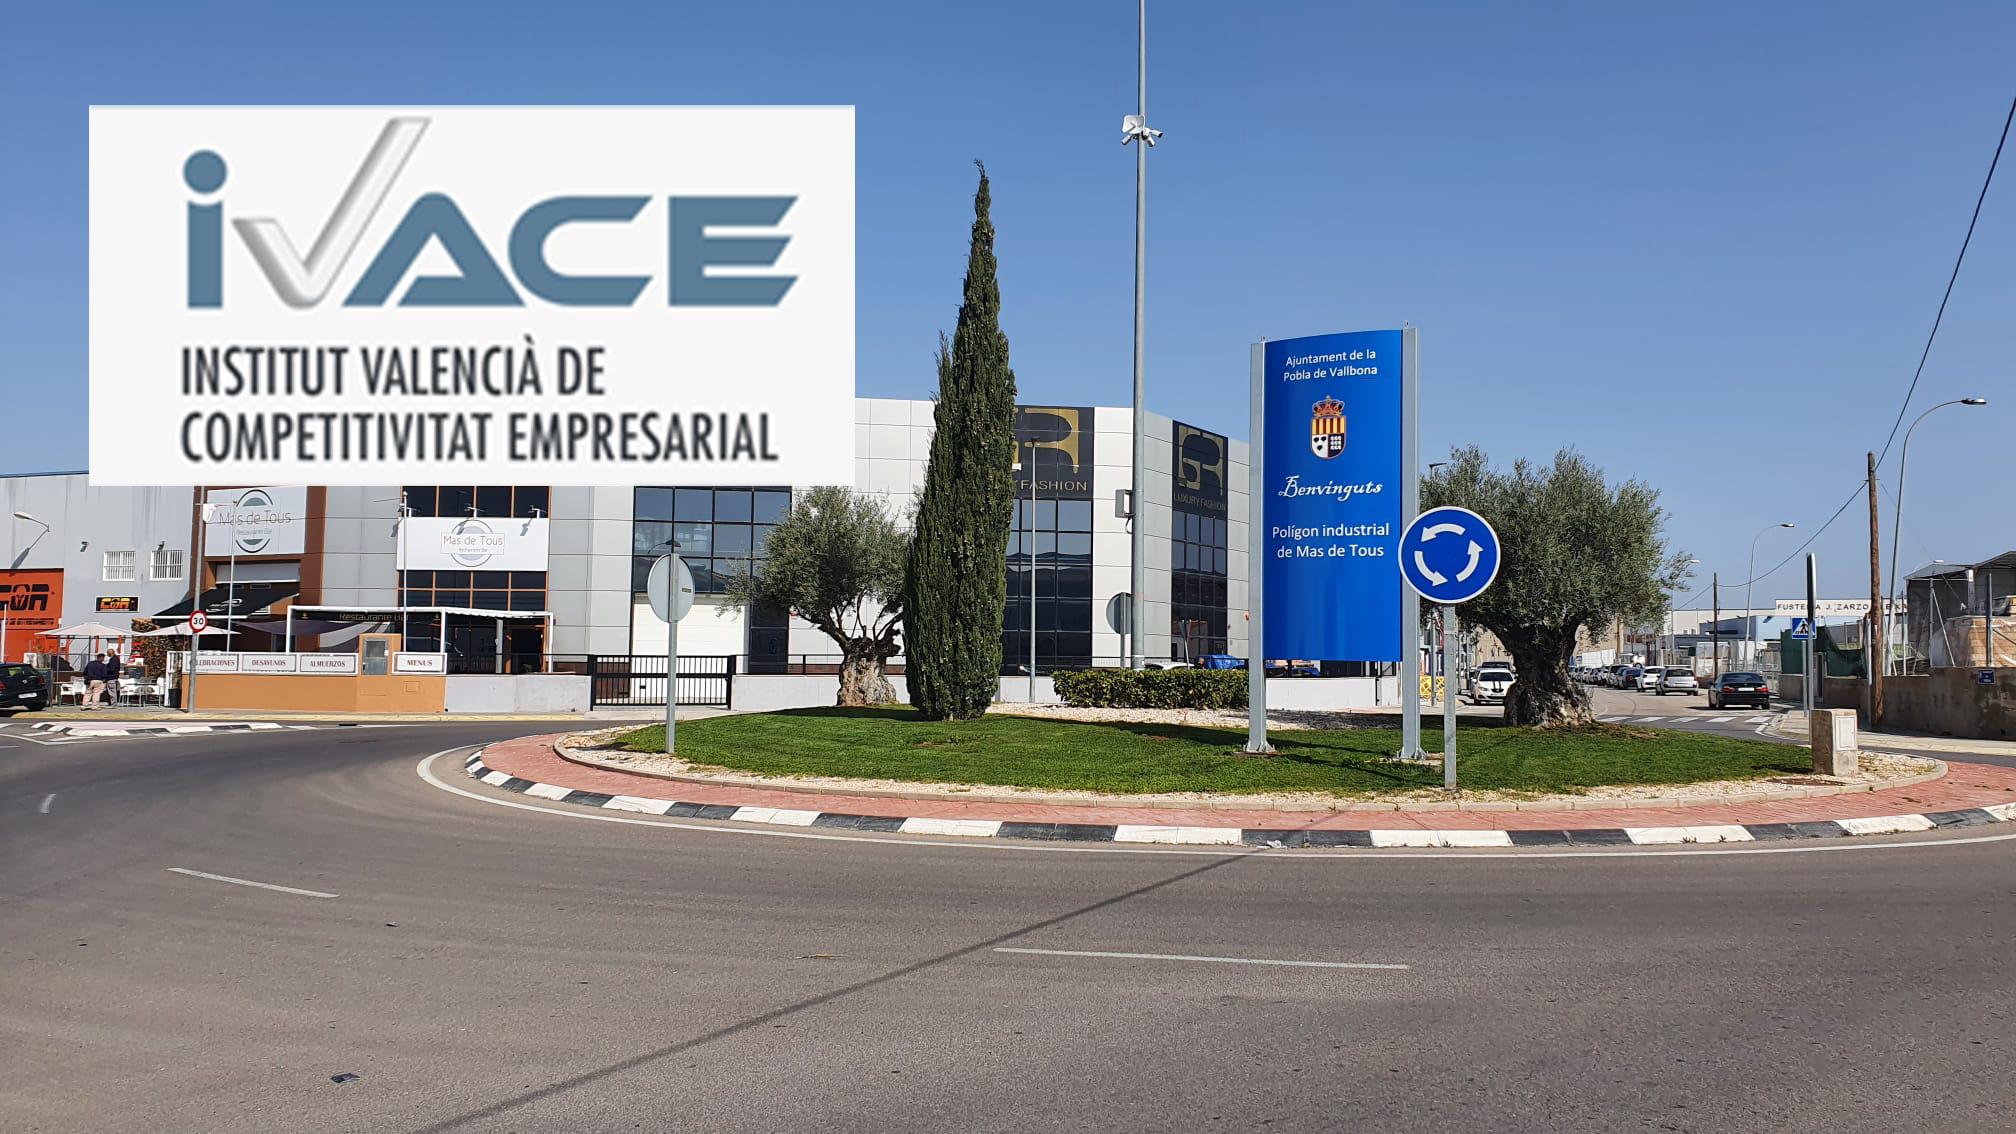 Els Polígons industrials de la Pobla de Vallbona reben una injecció de 535.000 euros per millorar la competitivitat